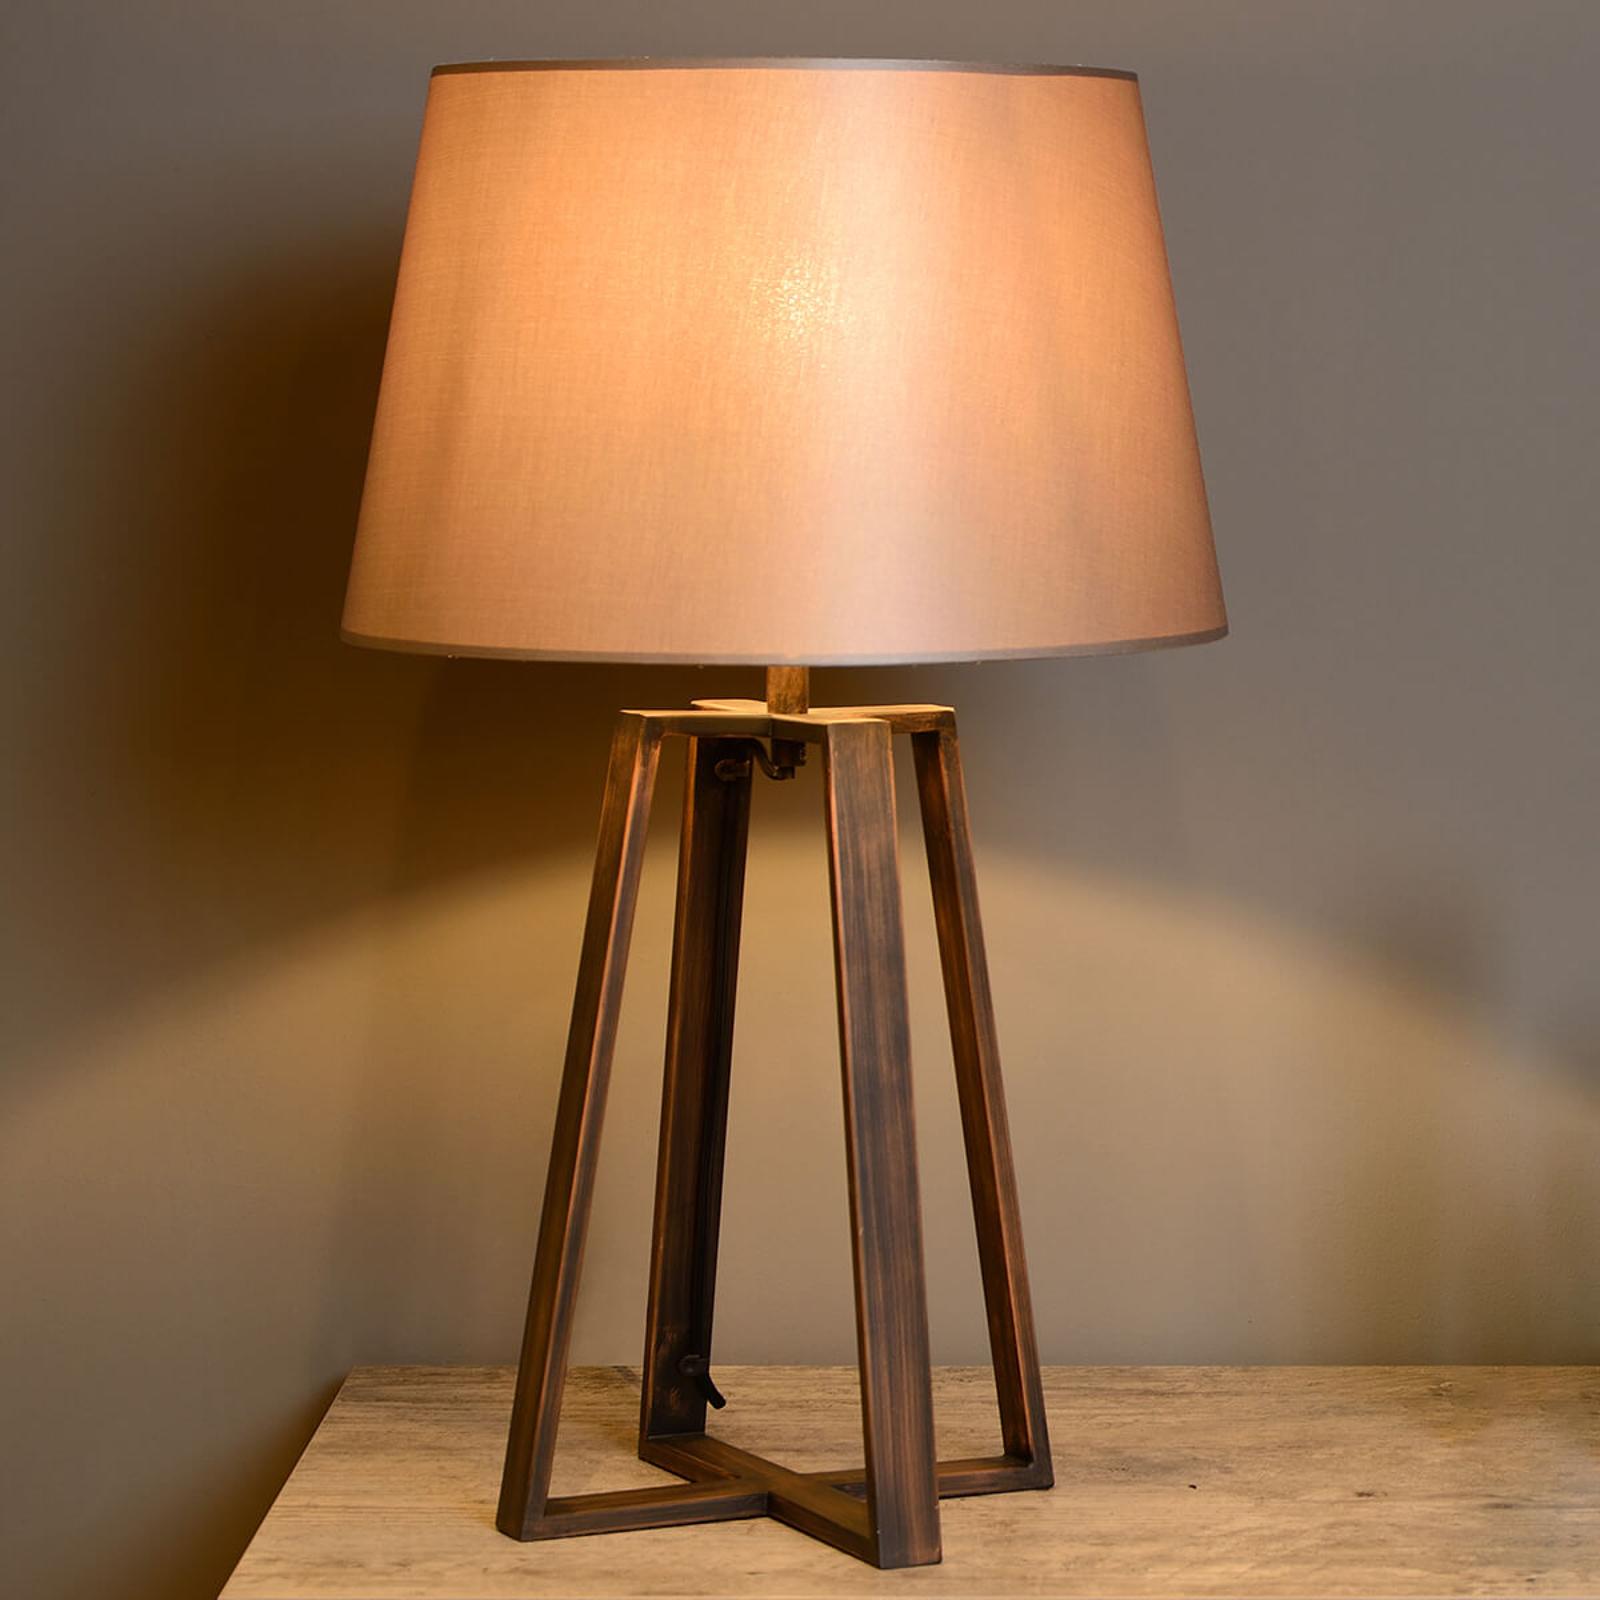 Lampa stołowa COFFEE LAMP z brązowym abażurem